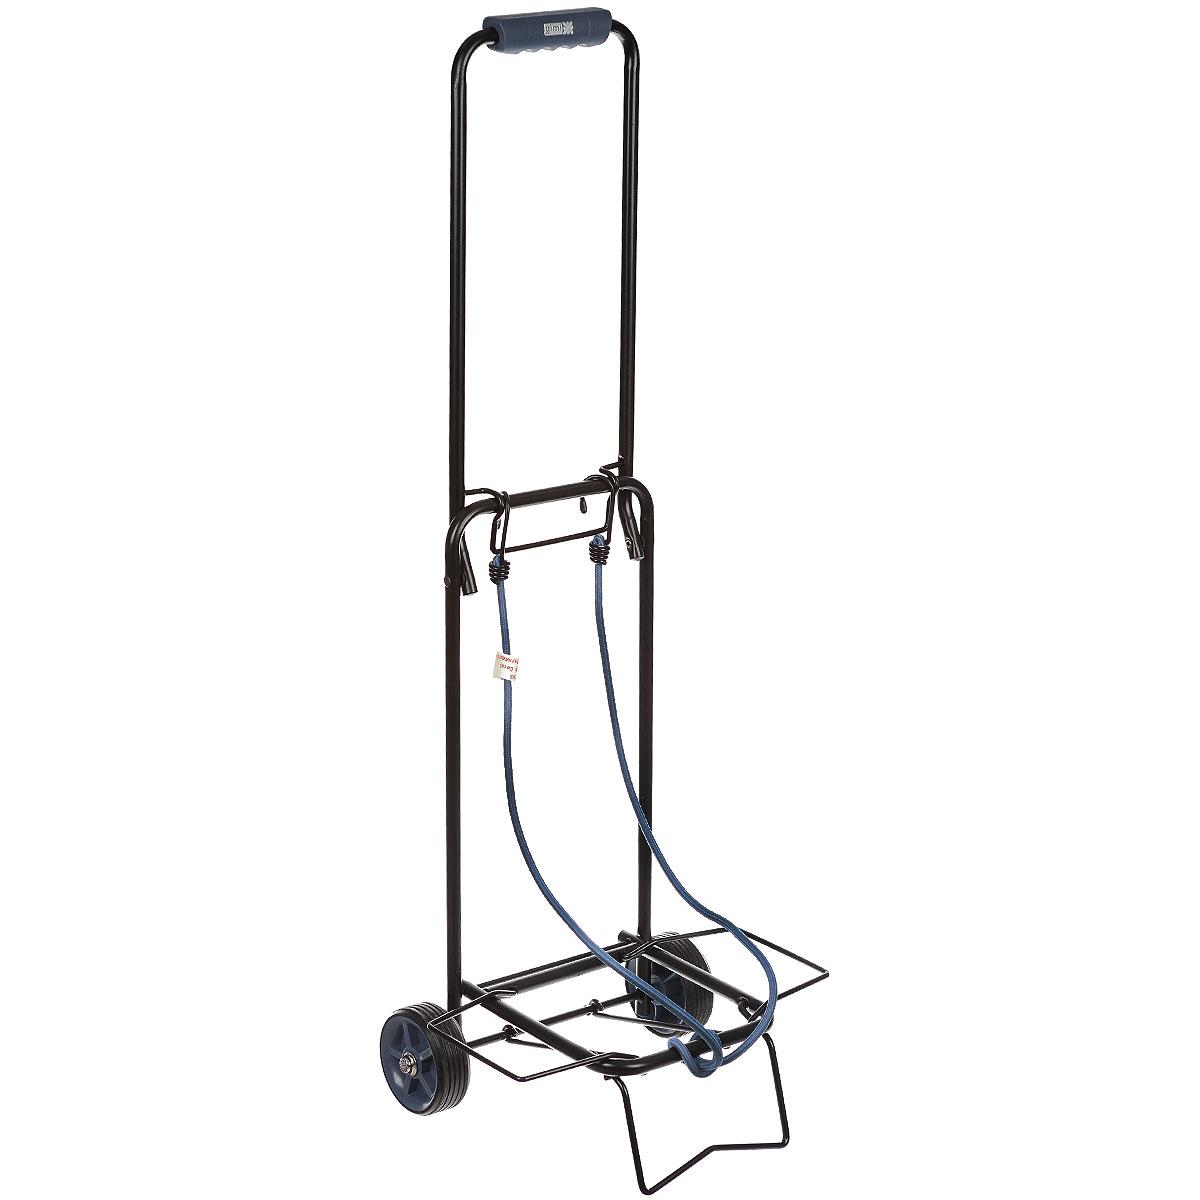 Тележка хозяйственная Atos, до 30 кг, цвет: черный15040400_черныйХозяйственная тележка Atos, выполненная из окрашенной стали и пластика, пригодится каждой хозяйке! Тележка предназначена для перевозки различных грузов: чемоданов, коробок. Тележка имеет эластичные ремни для крепления груза. Компактно собирается и не занимает много места.Размер в собранном виде: 31 см x 28 см x 86 см.Максимальная нагрузка: 30 кг.